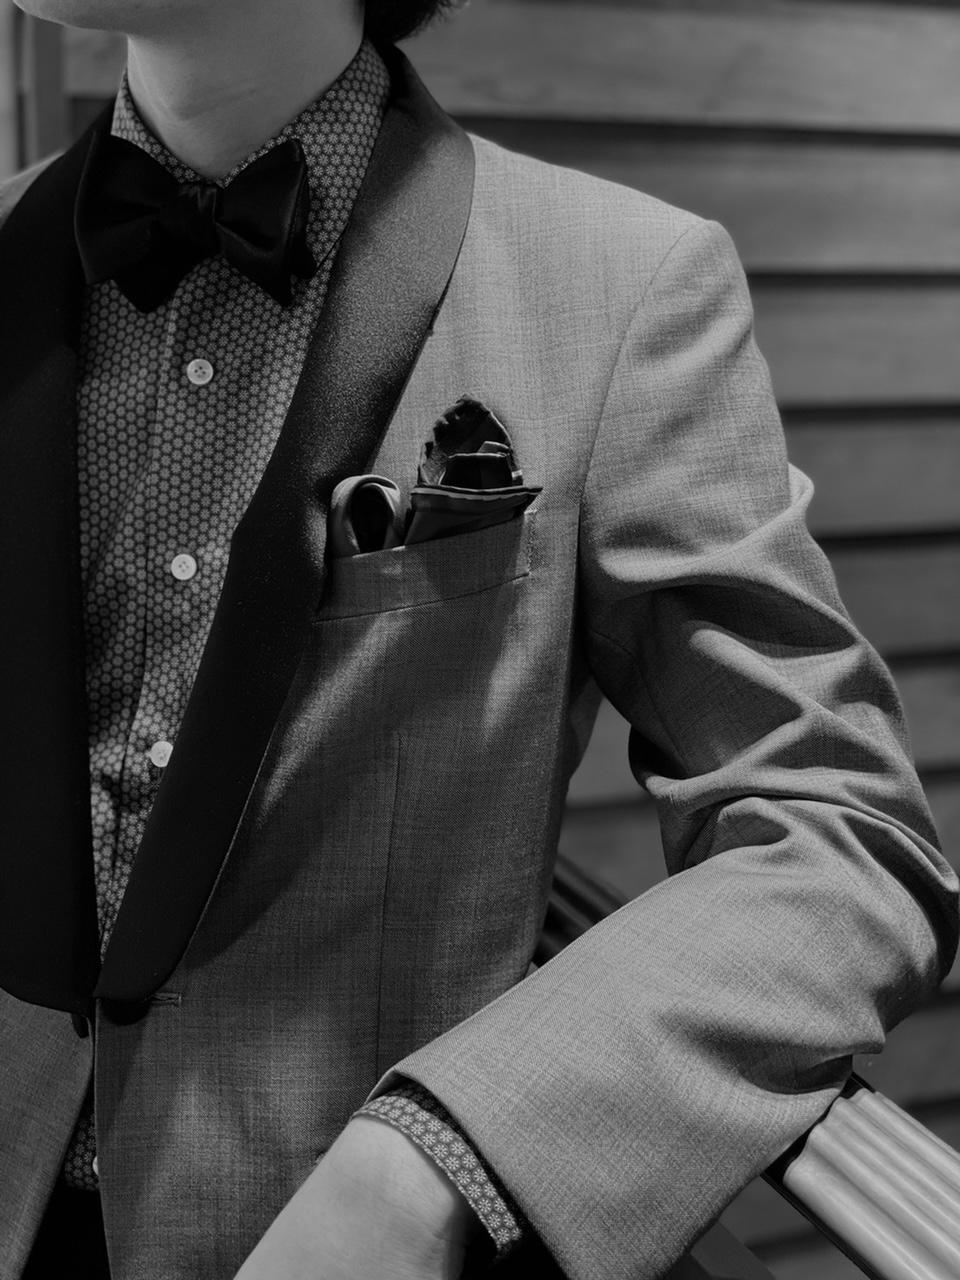 カジュアル・パーティーシーンで優美な躍動感を演出「パフドクラッシュスタイル」。トリートドレッシングでは、挙式からお色直しまで様々な挙式のお客様に楽しんでいただけるよう多くの衣装と小物を取り扱っております。